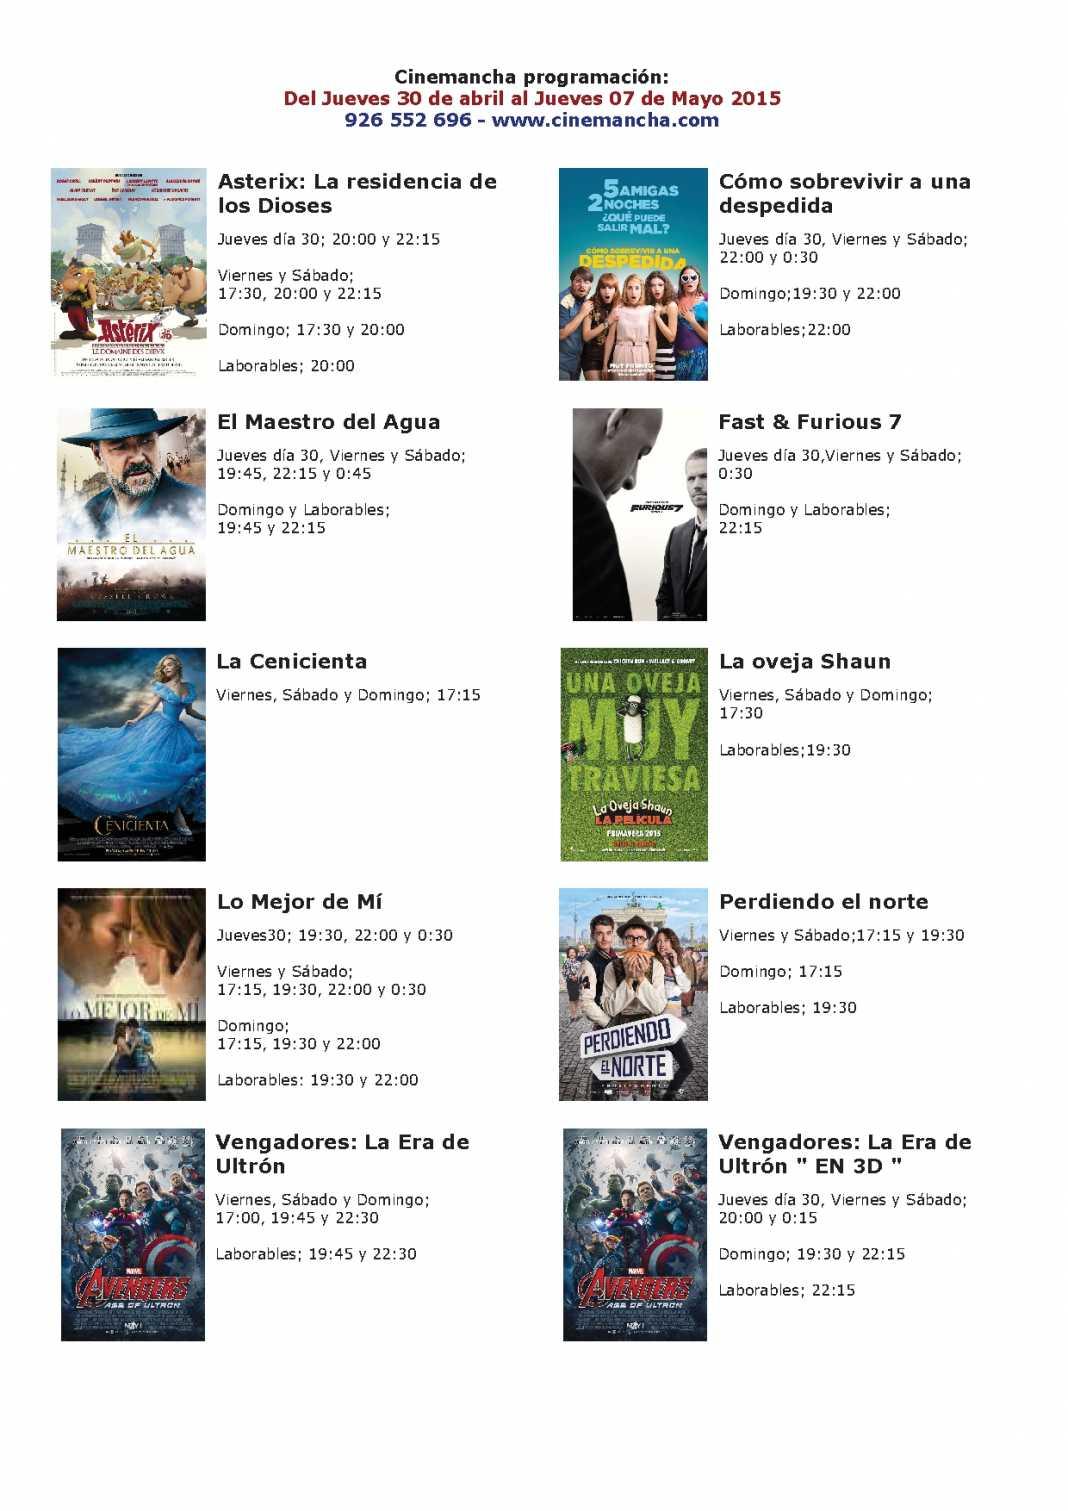 Cartelera de Cinemancha del jueves 30 abril al jueves 07 mayo 1